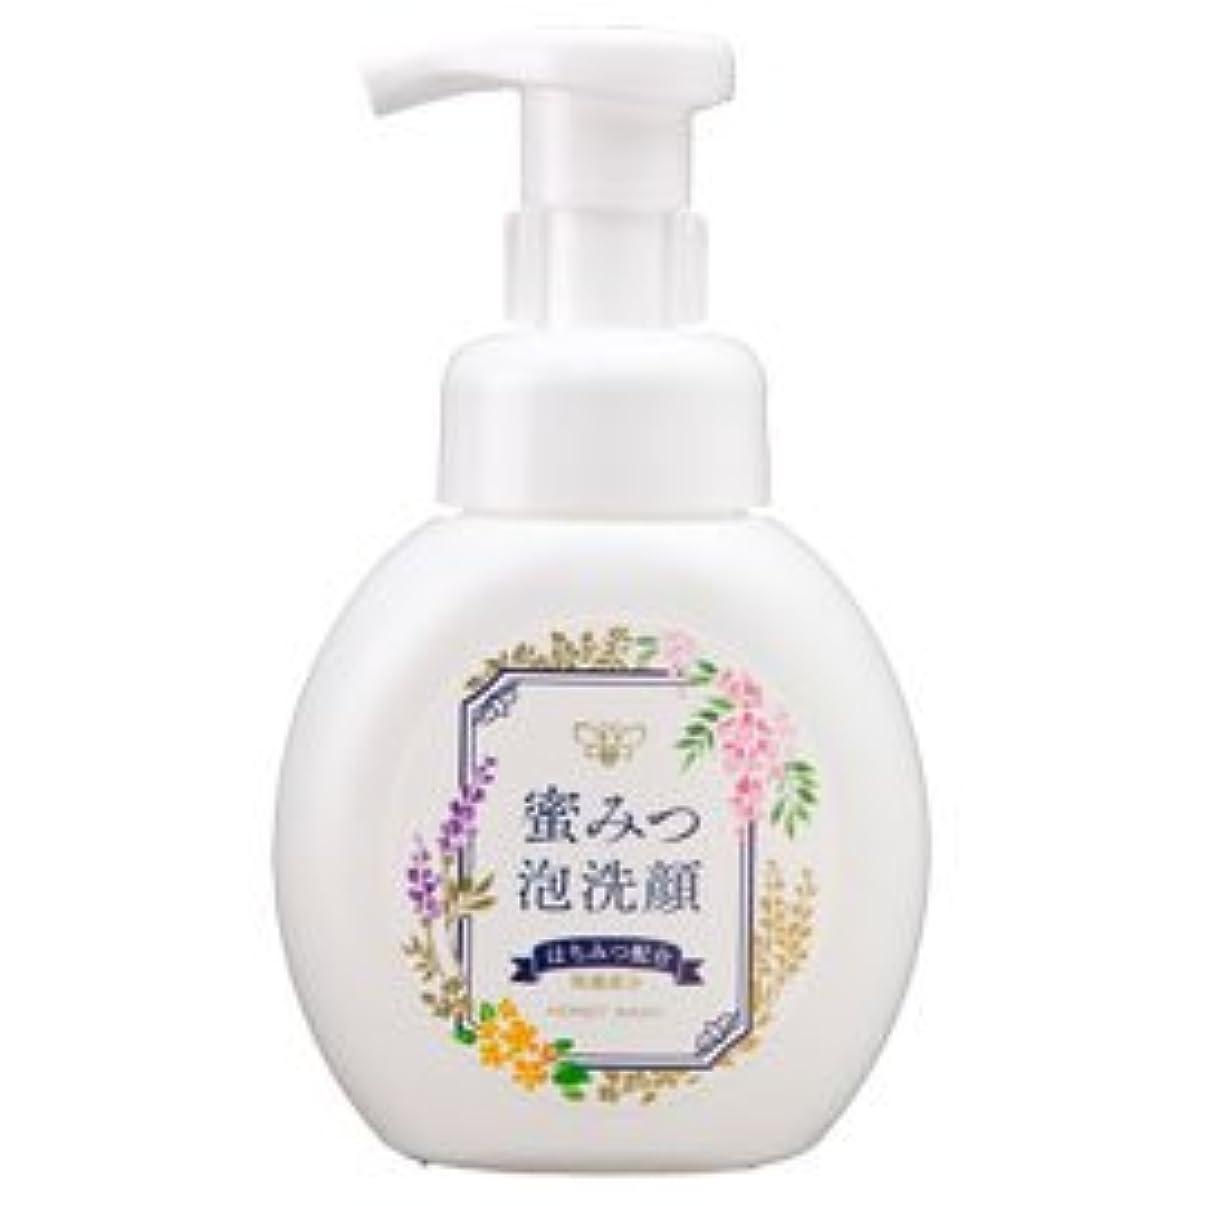 蜜みつ泡洗顔 250mL